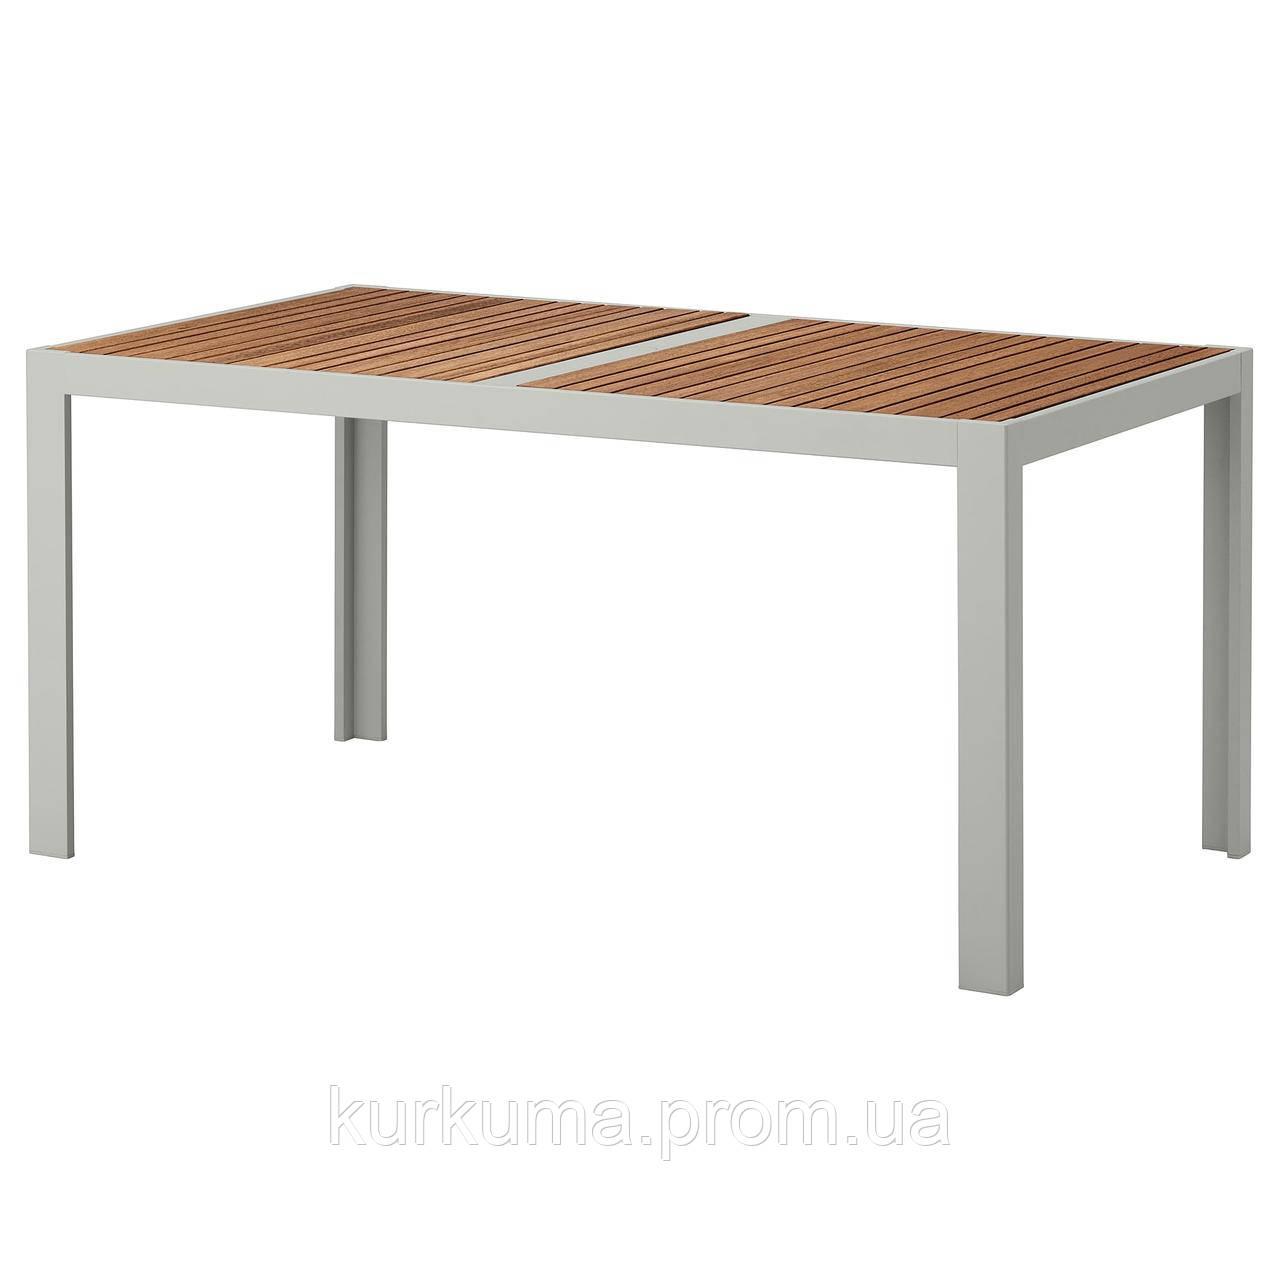 IKEA SJALLAND Садовый стол, светло-коричневый, светло-серый  (792.624.47)